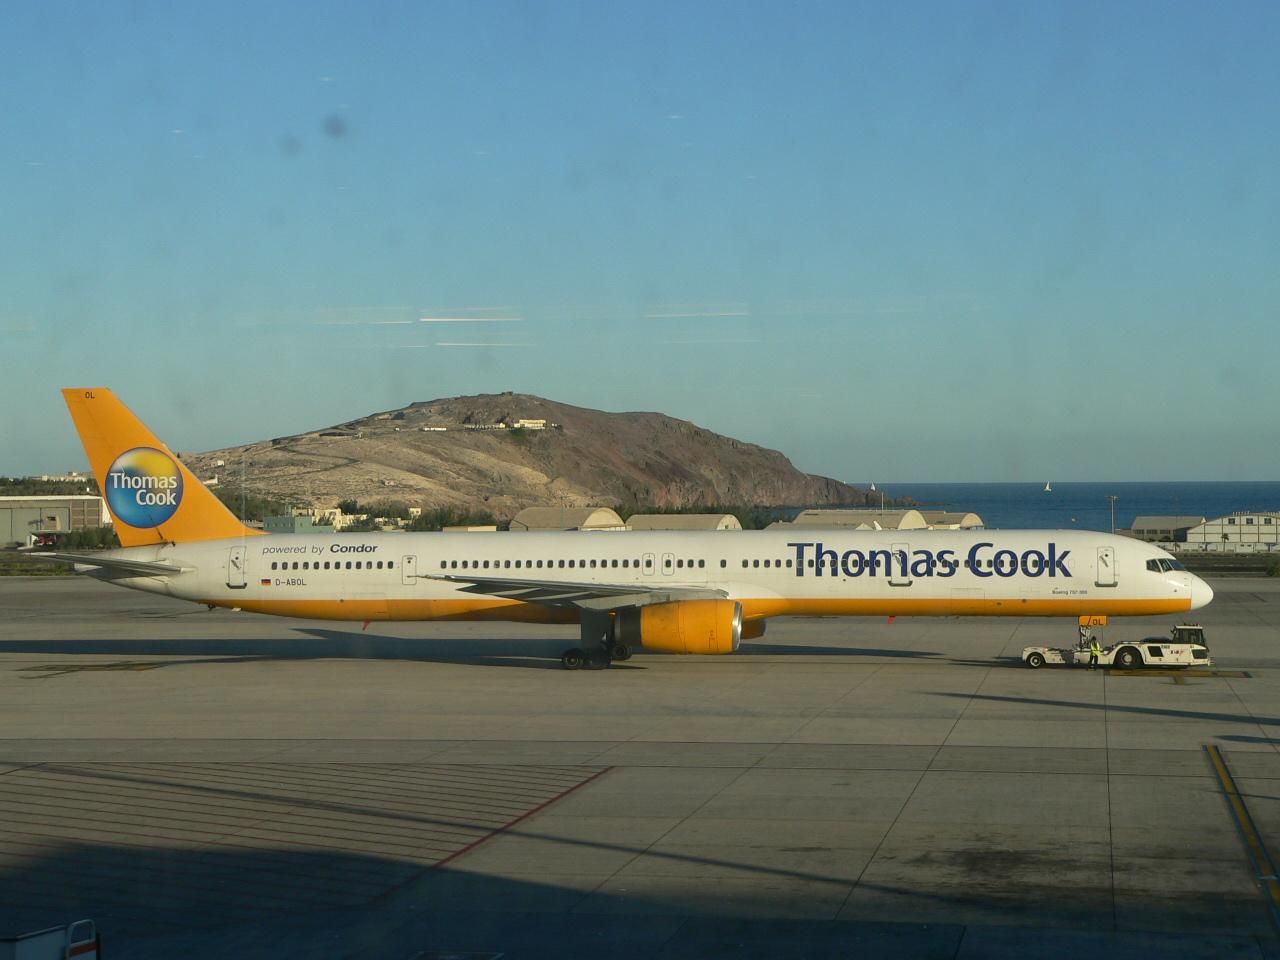 von Thomas Cook (Condor) eine 757-300